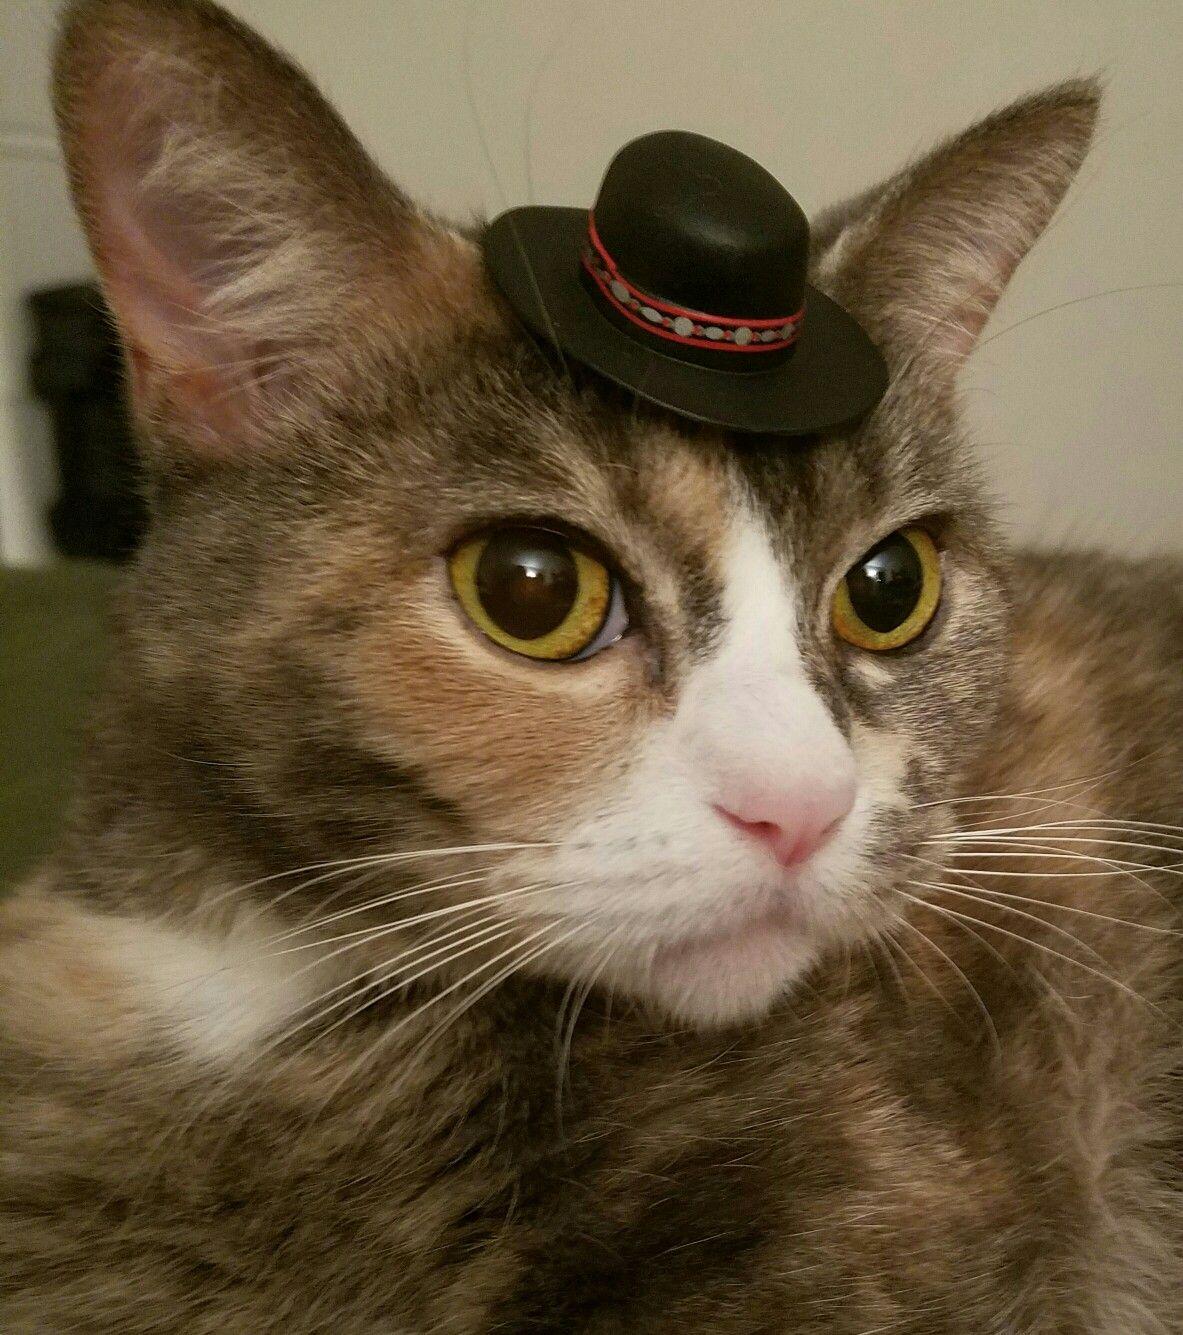 A little cat wearing a little hat.